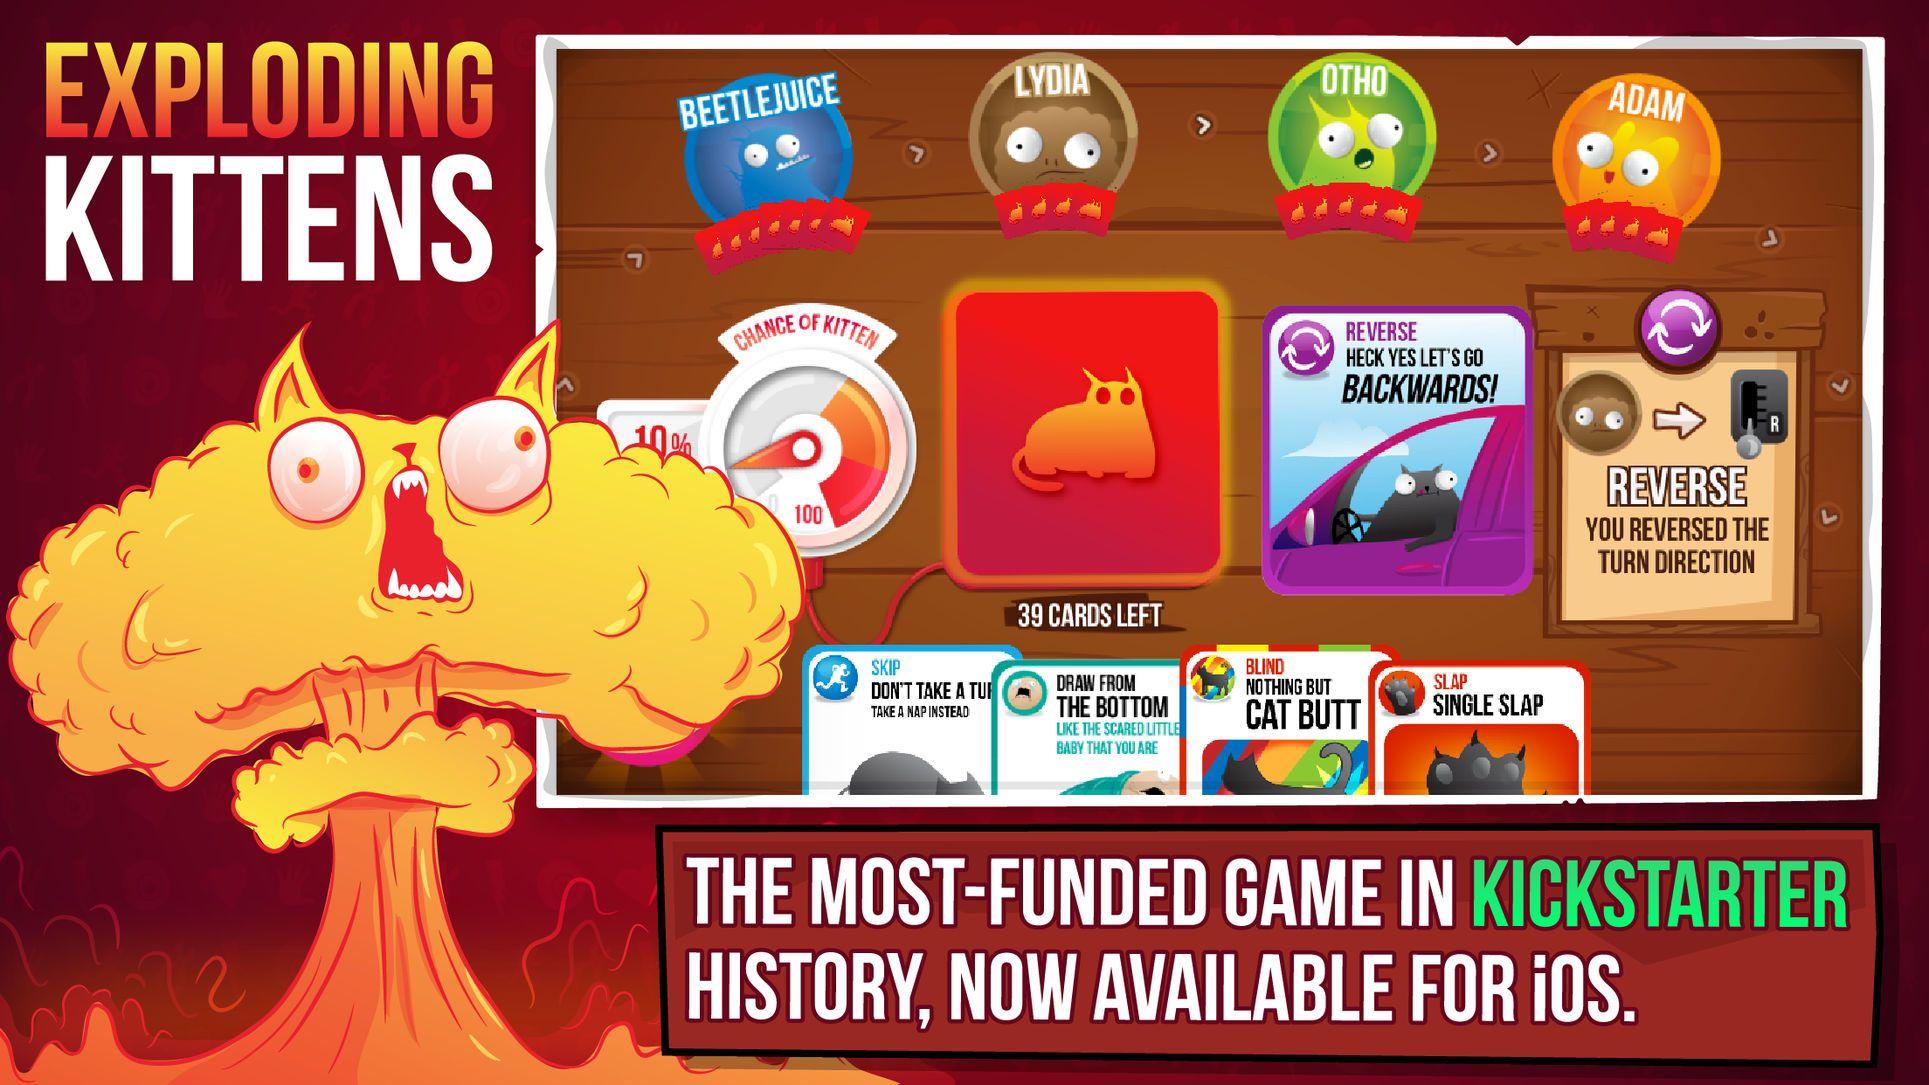 Exploding Kittens庐 Entertainment Card Apps Ios Exploding Kittens